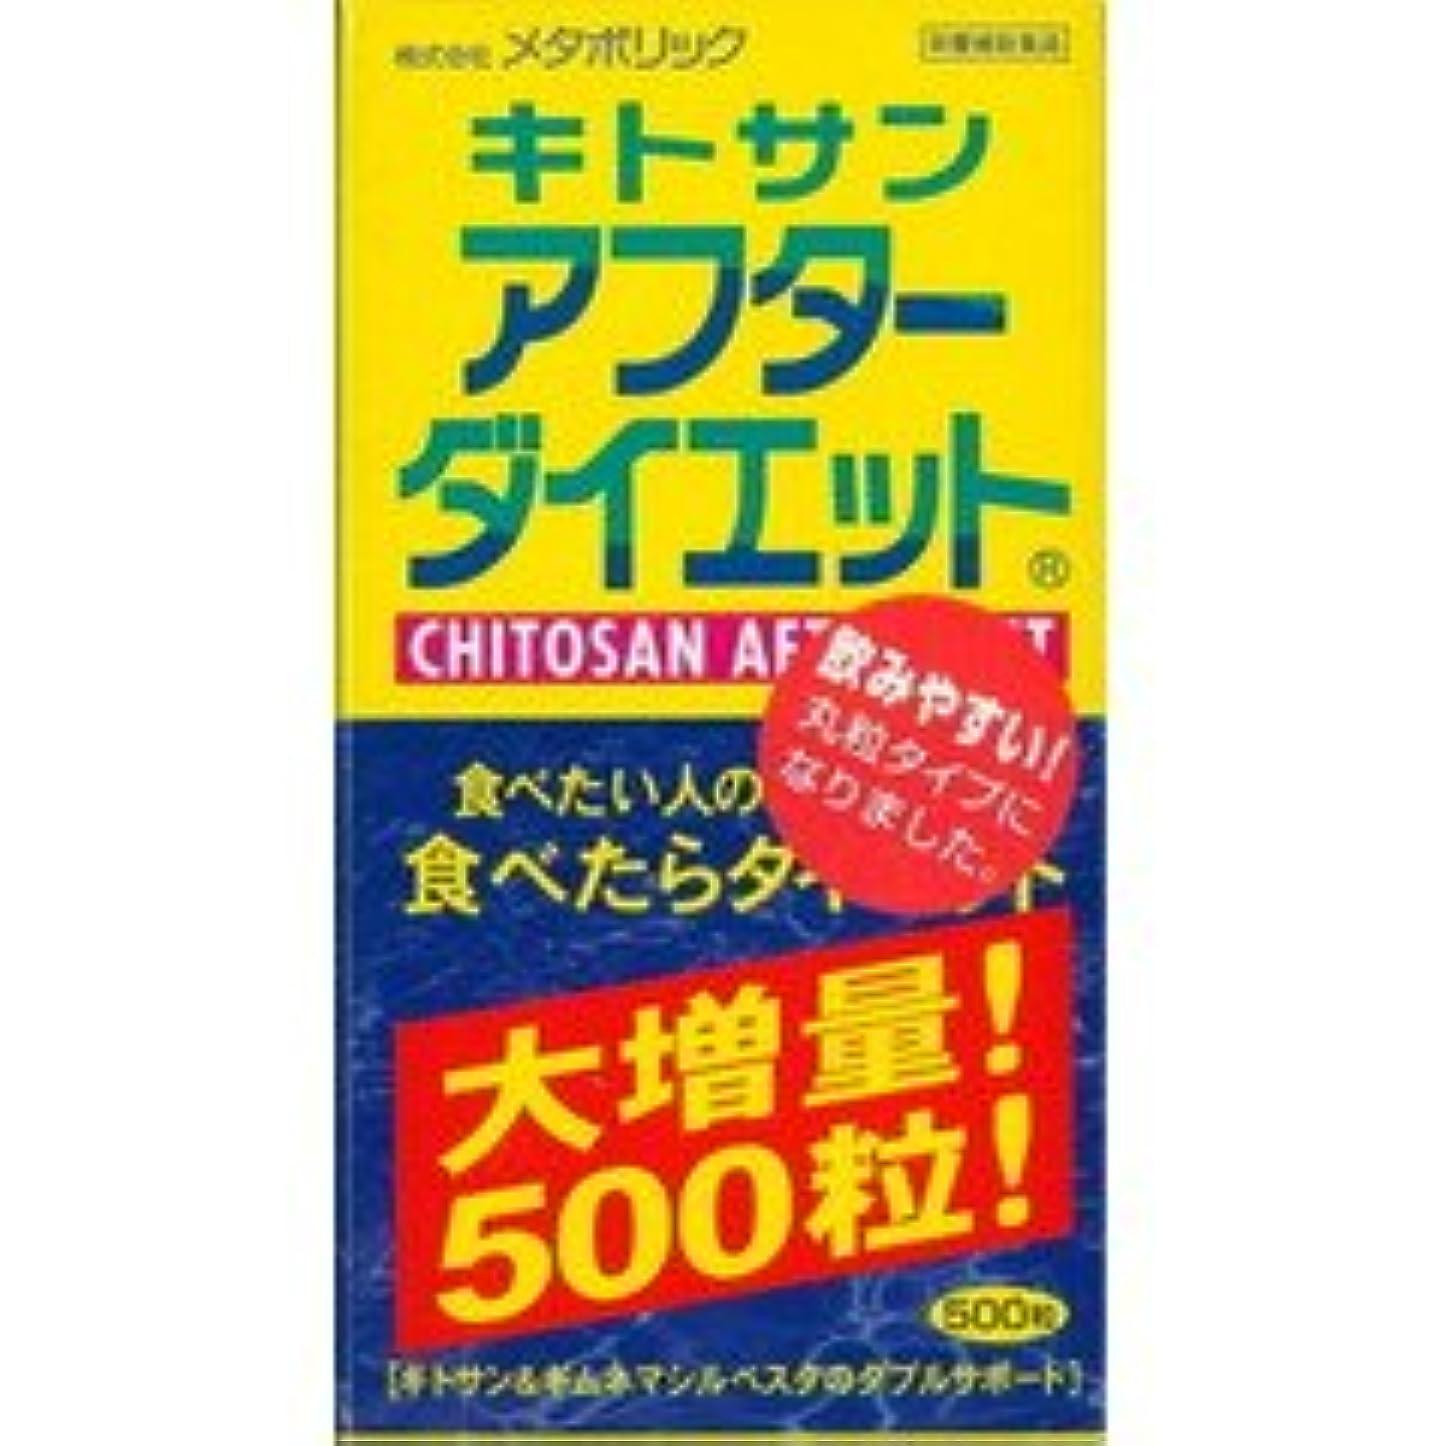 つかまえるスペース嫌なメタボリック キトサン アフターダイエット 500粒入り